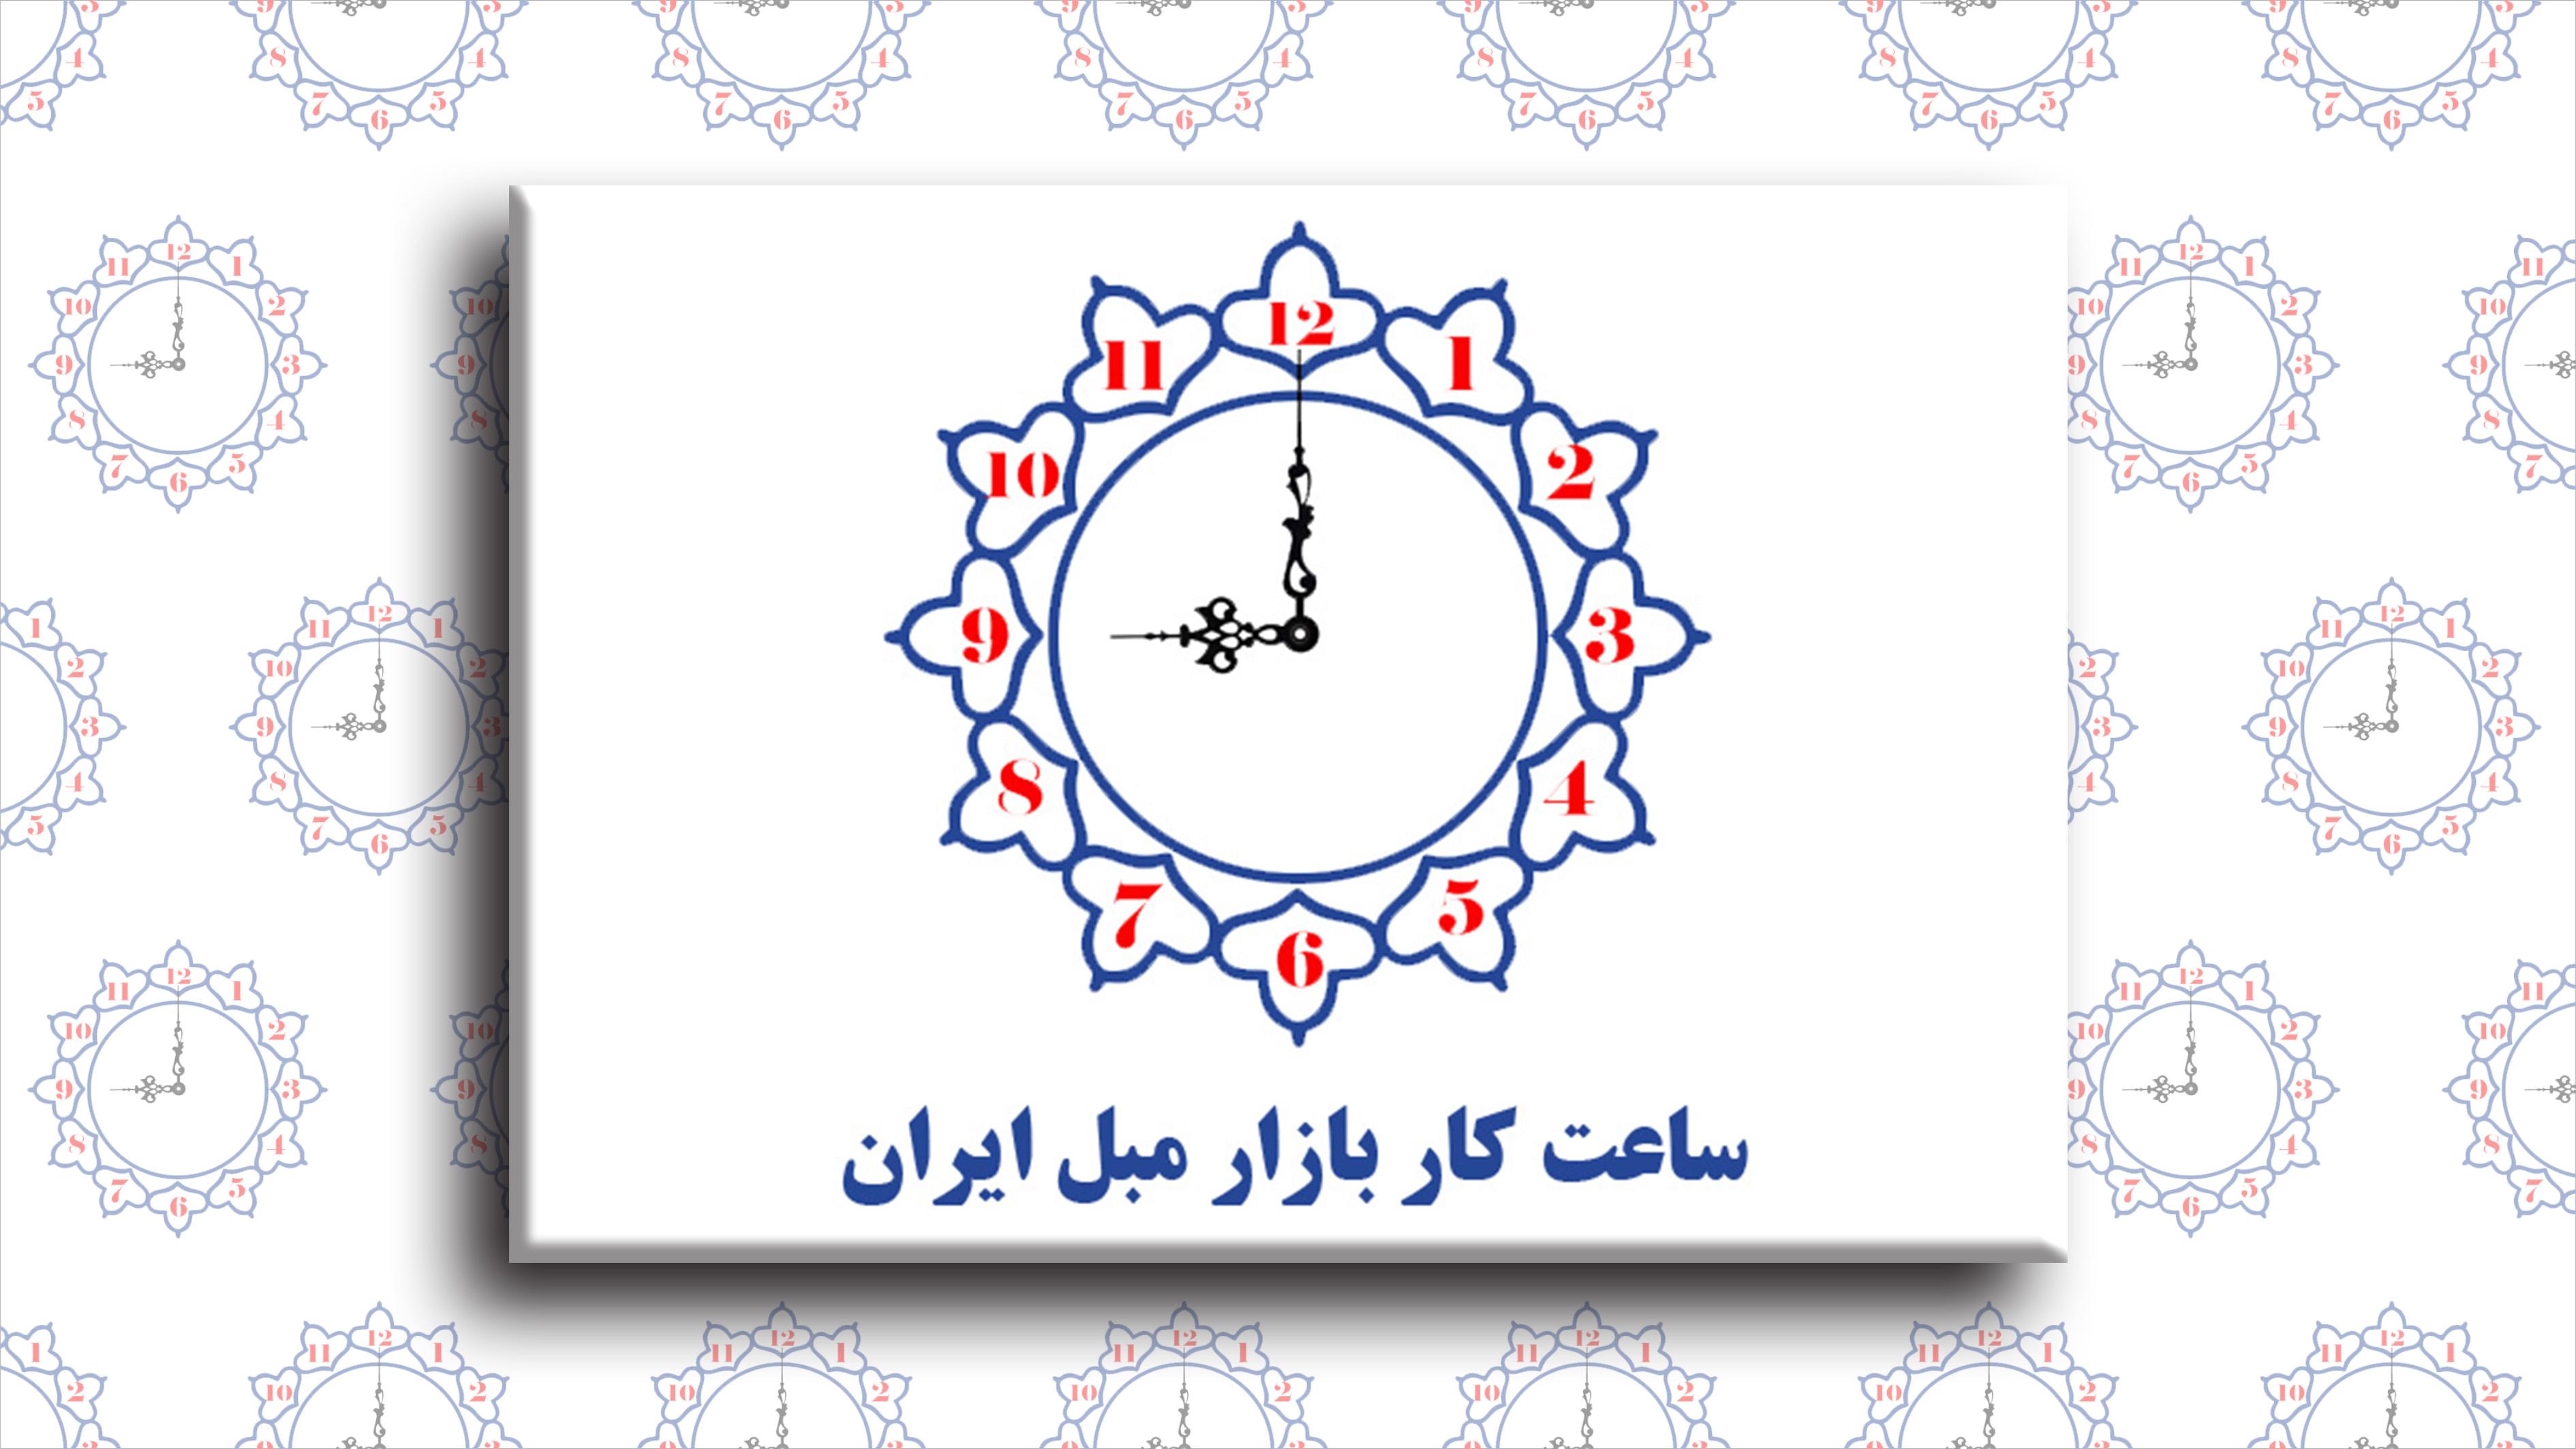 ساعت فعالیت بازار مبل ایران در روزهای 14 و 15 خرداد